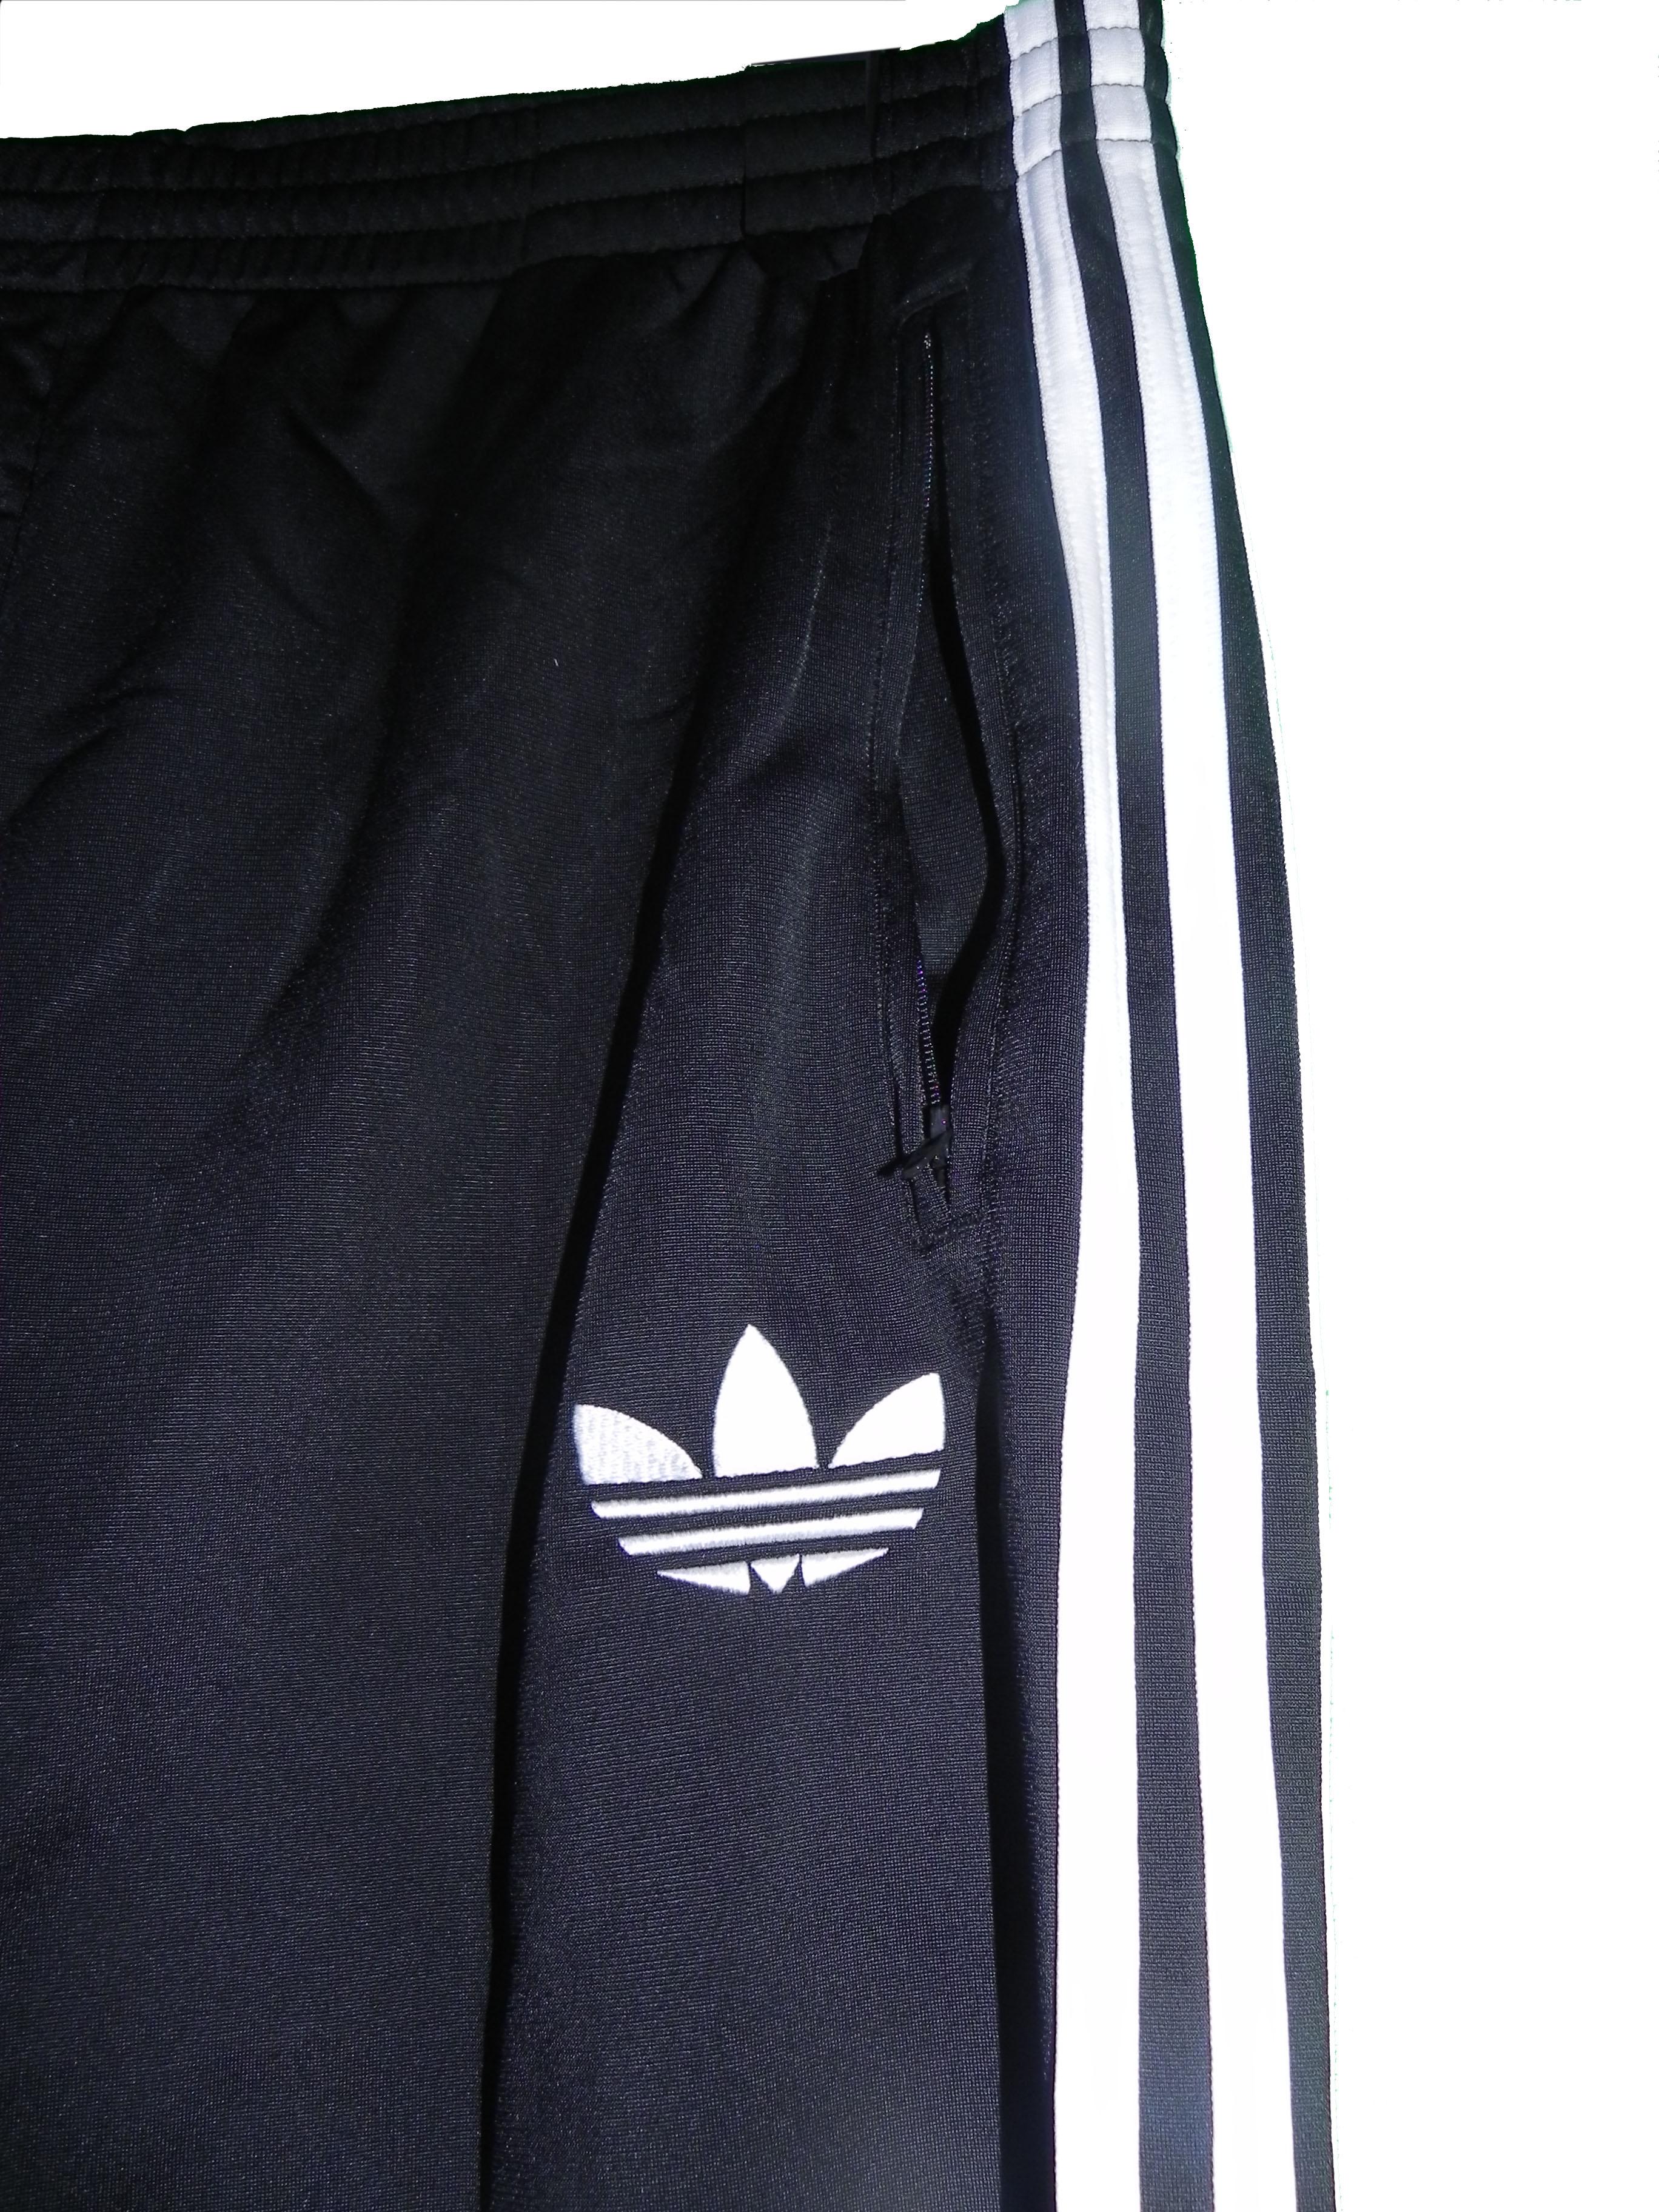 Adidas Firebird TP Herren Trainings Sport Hose Gr. XXS, S, M